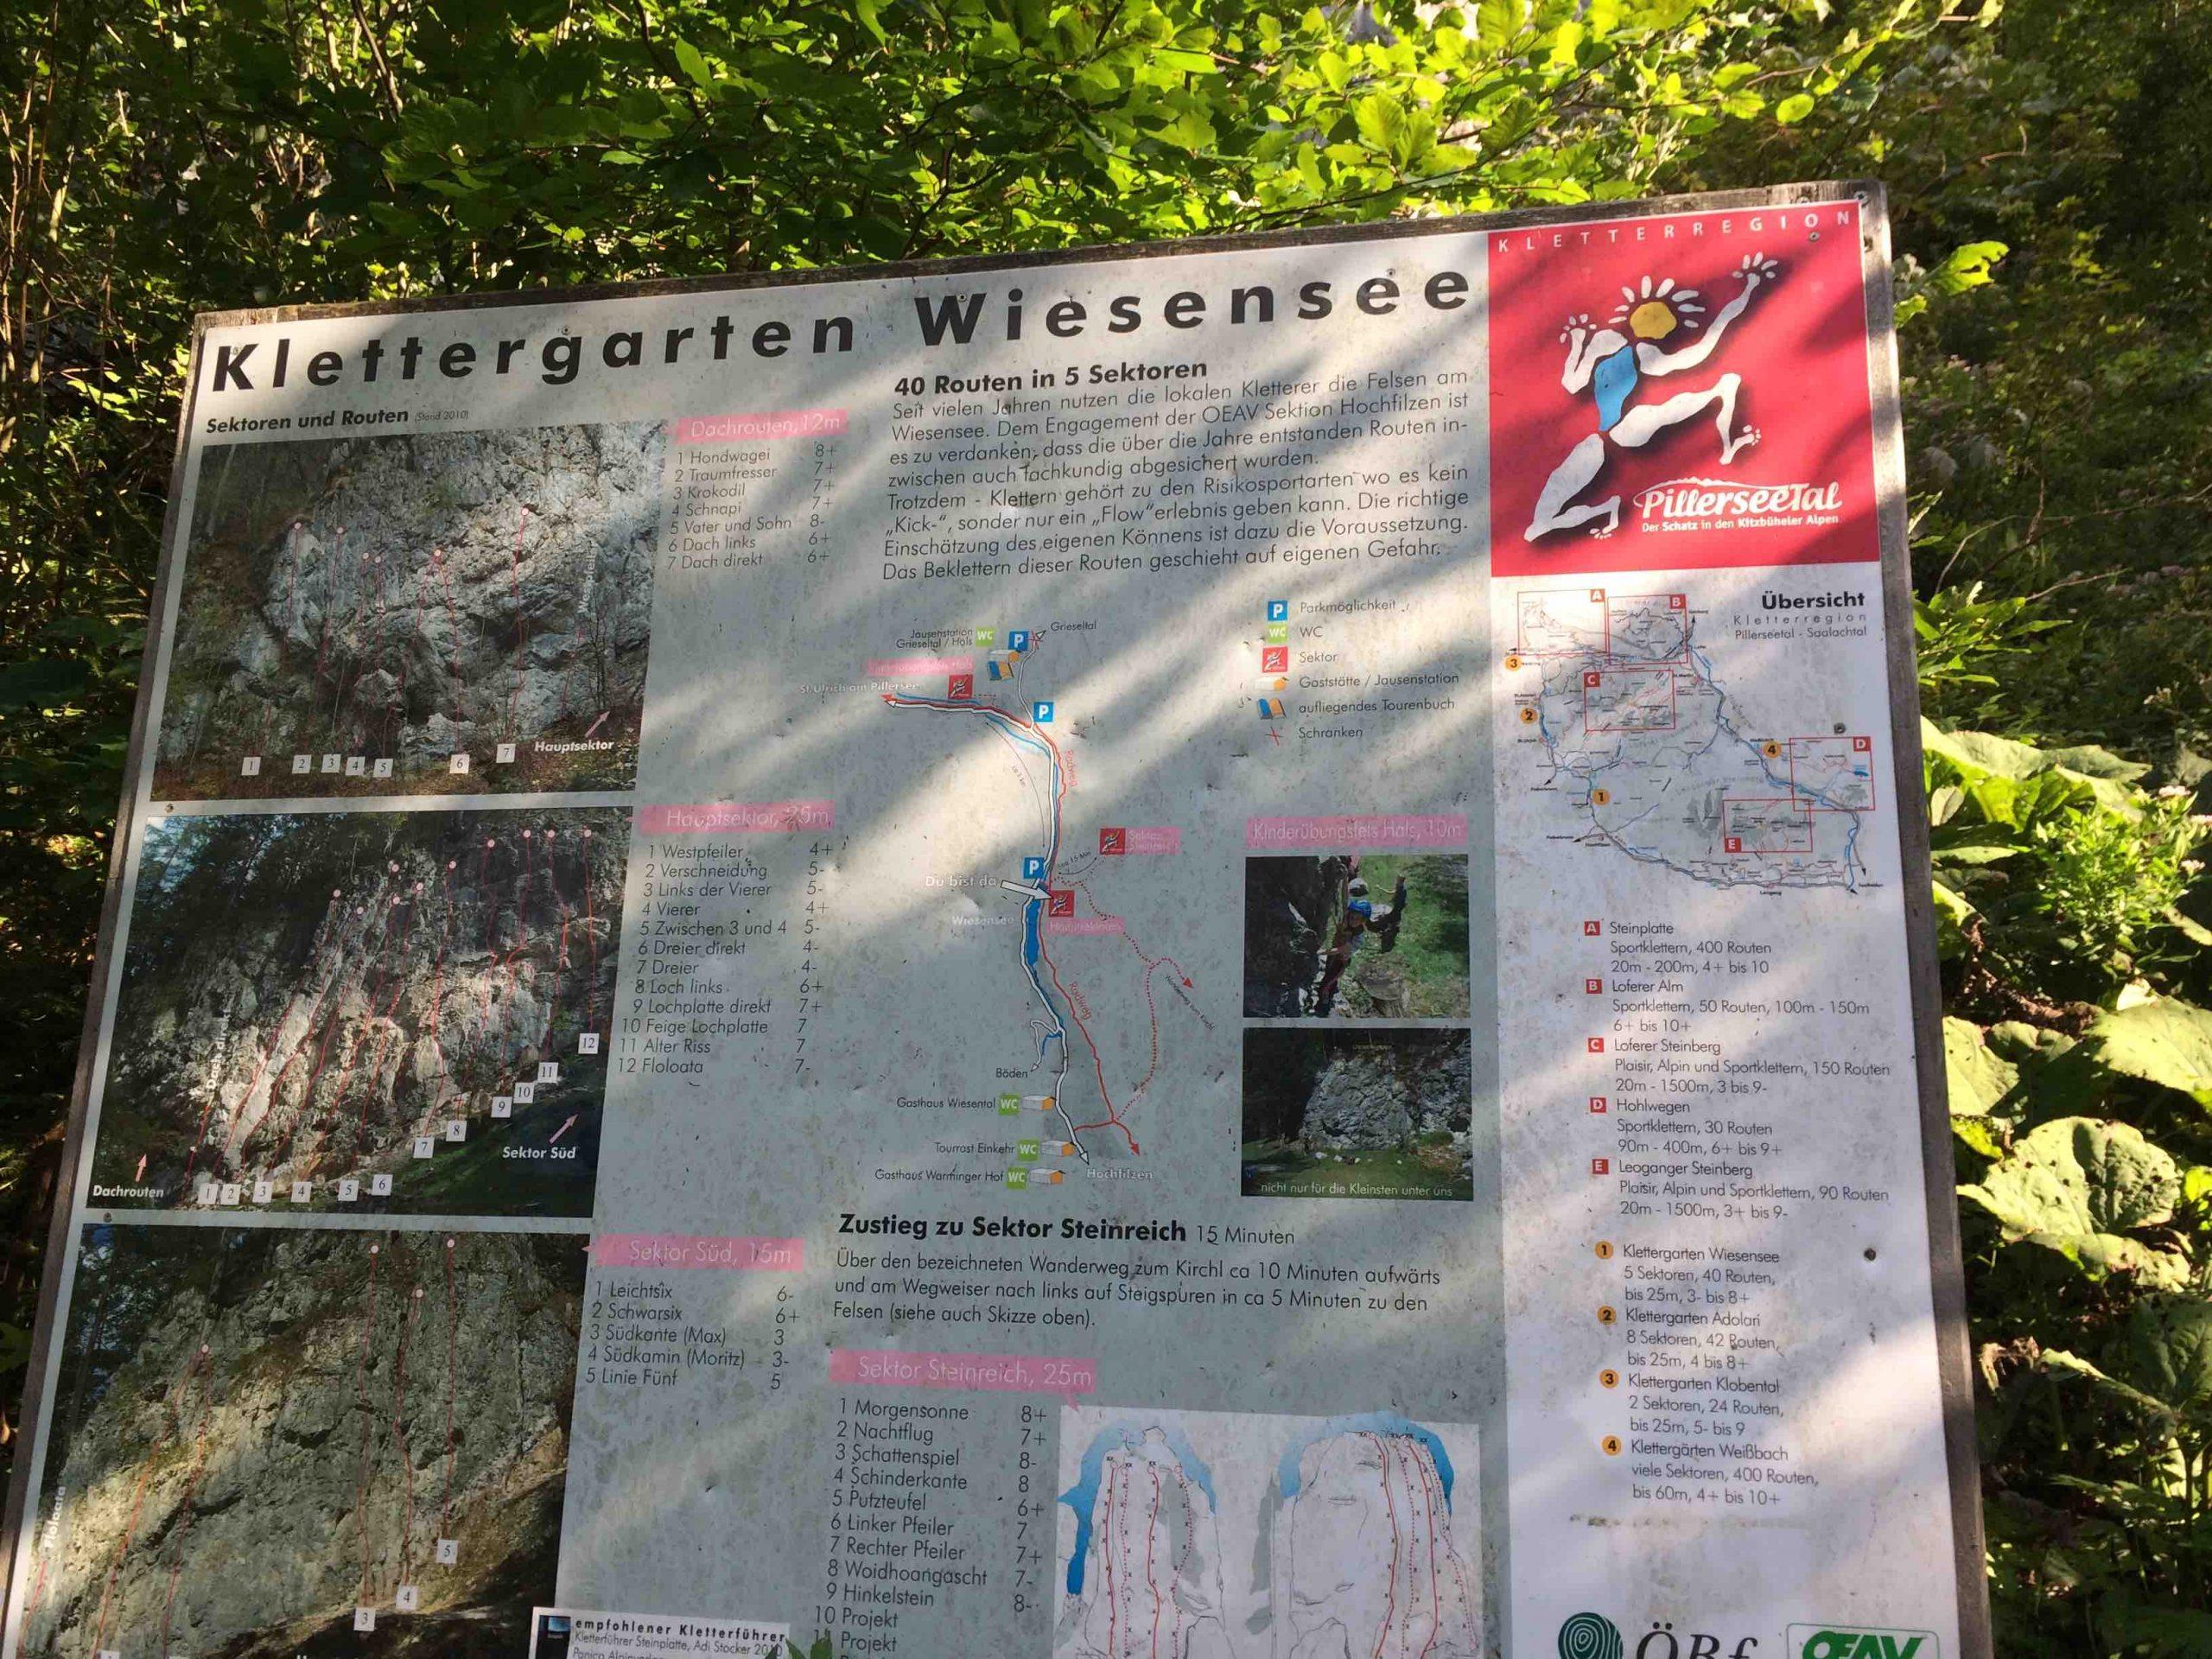 Steinberge - Übersicht Kletterfelsen Wiesensee, Foto: Susa Schreiner I Climbers Paradise